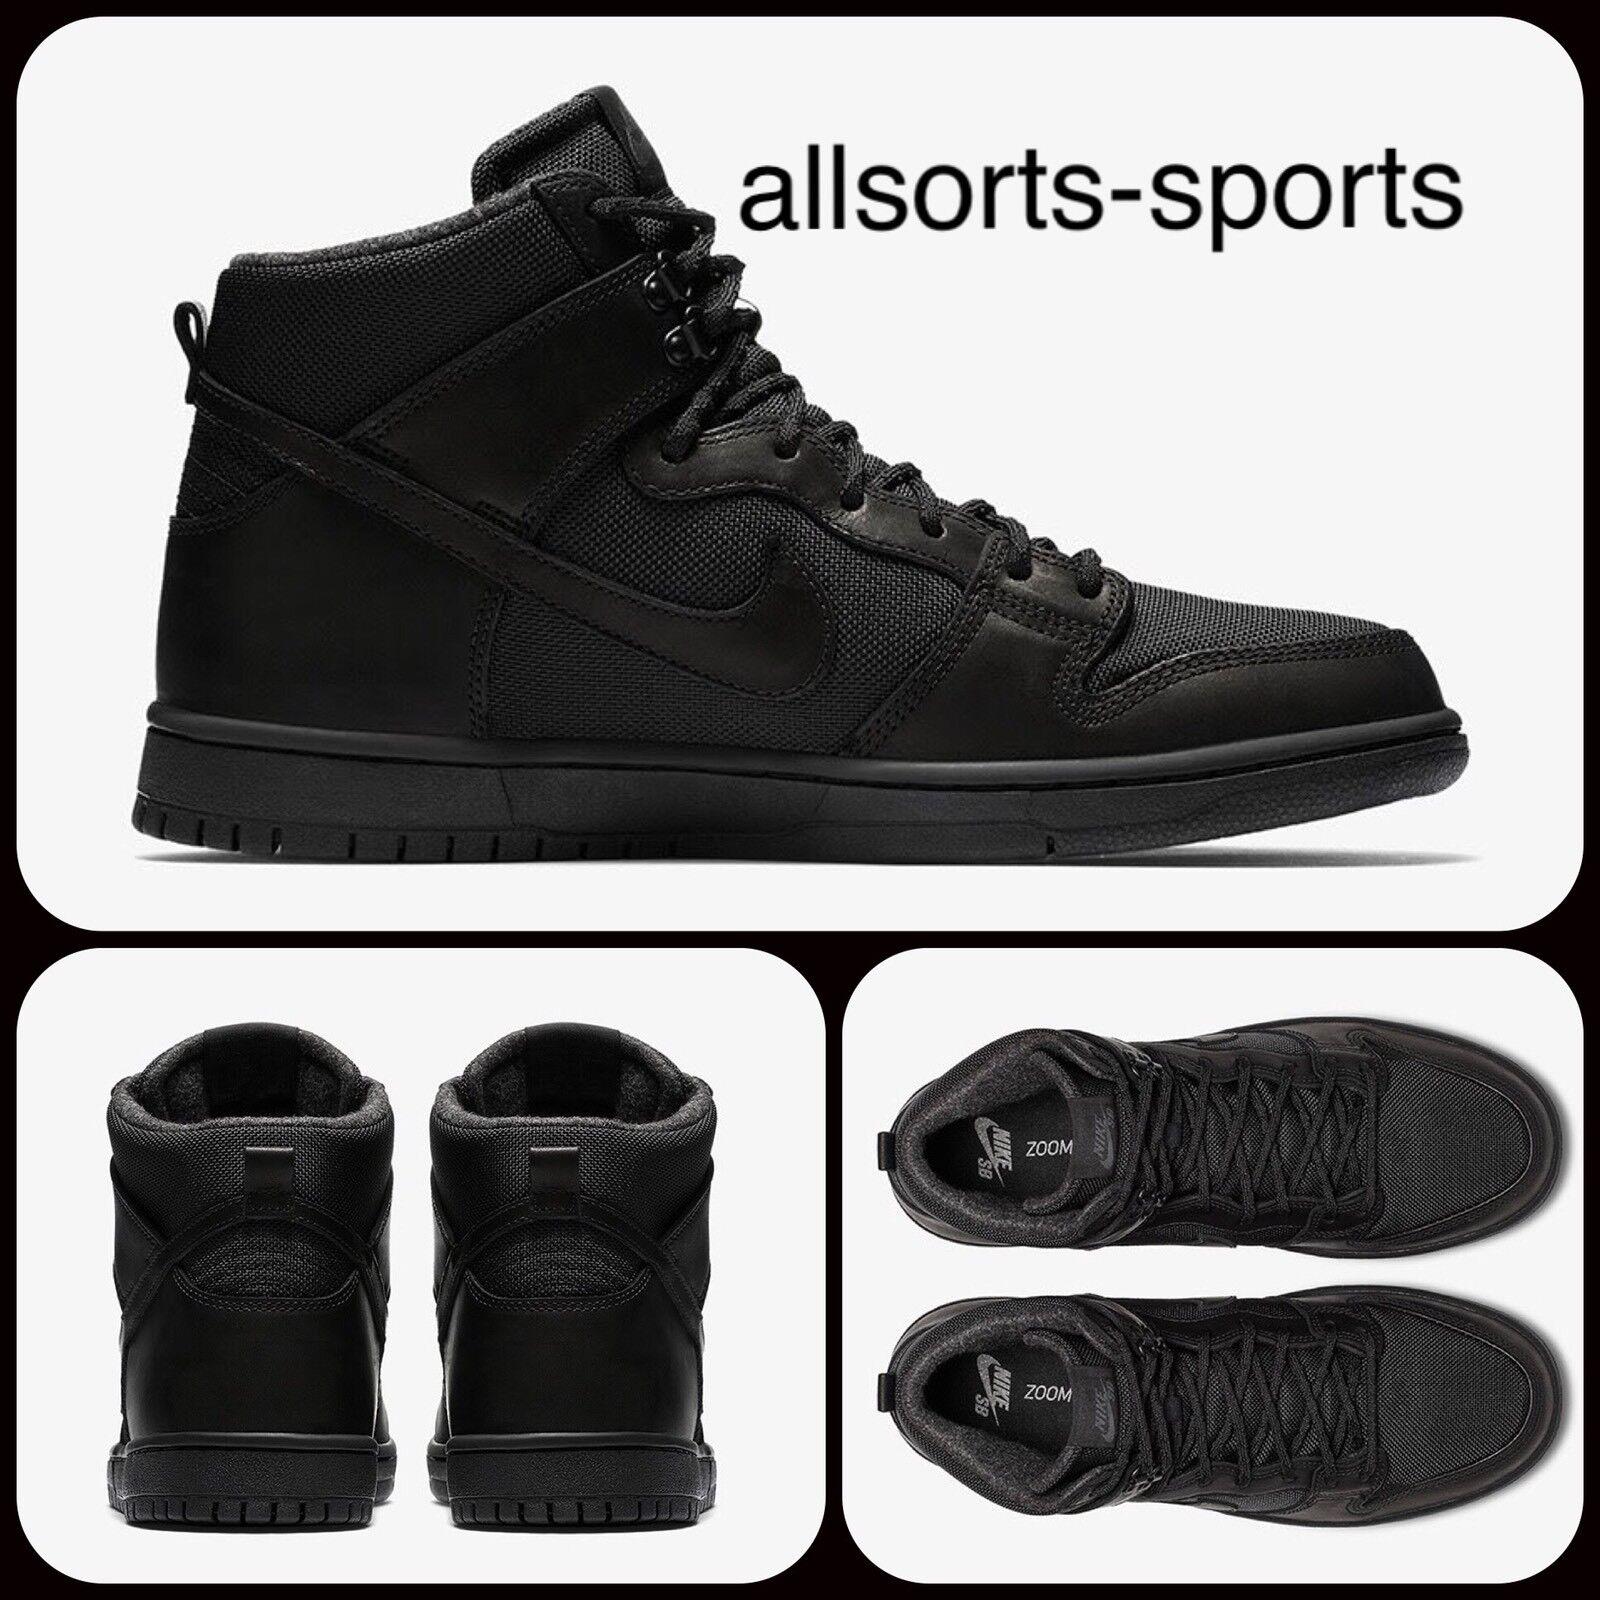 Nike SB Dunk Stivali Alti Pro